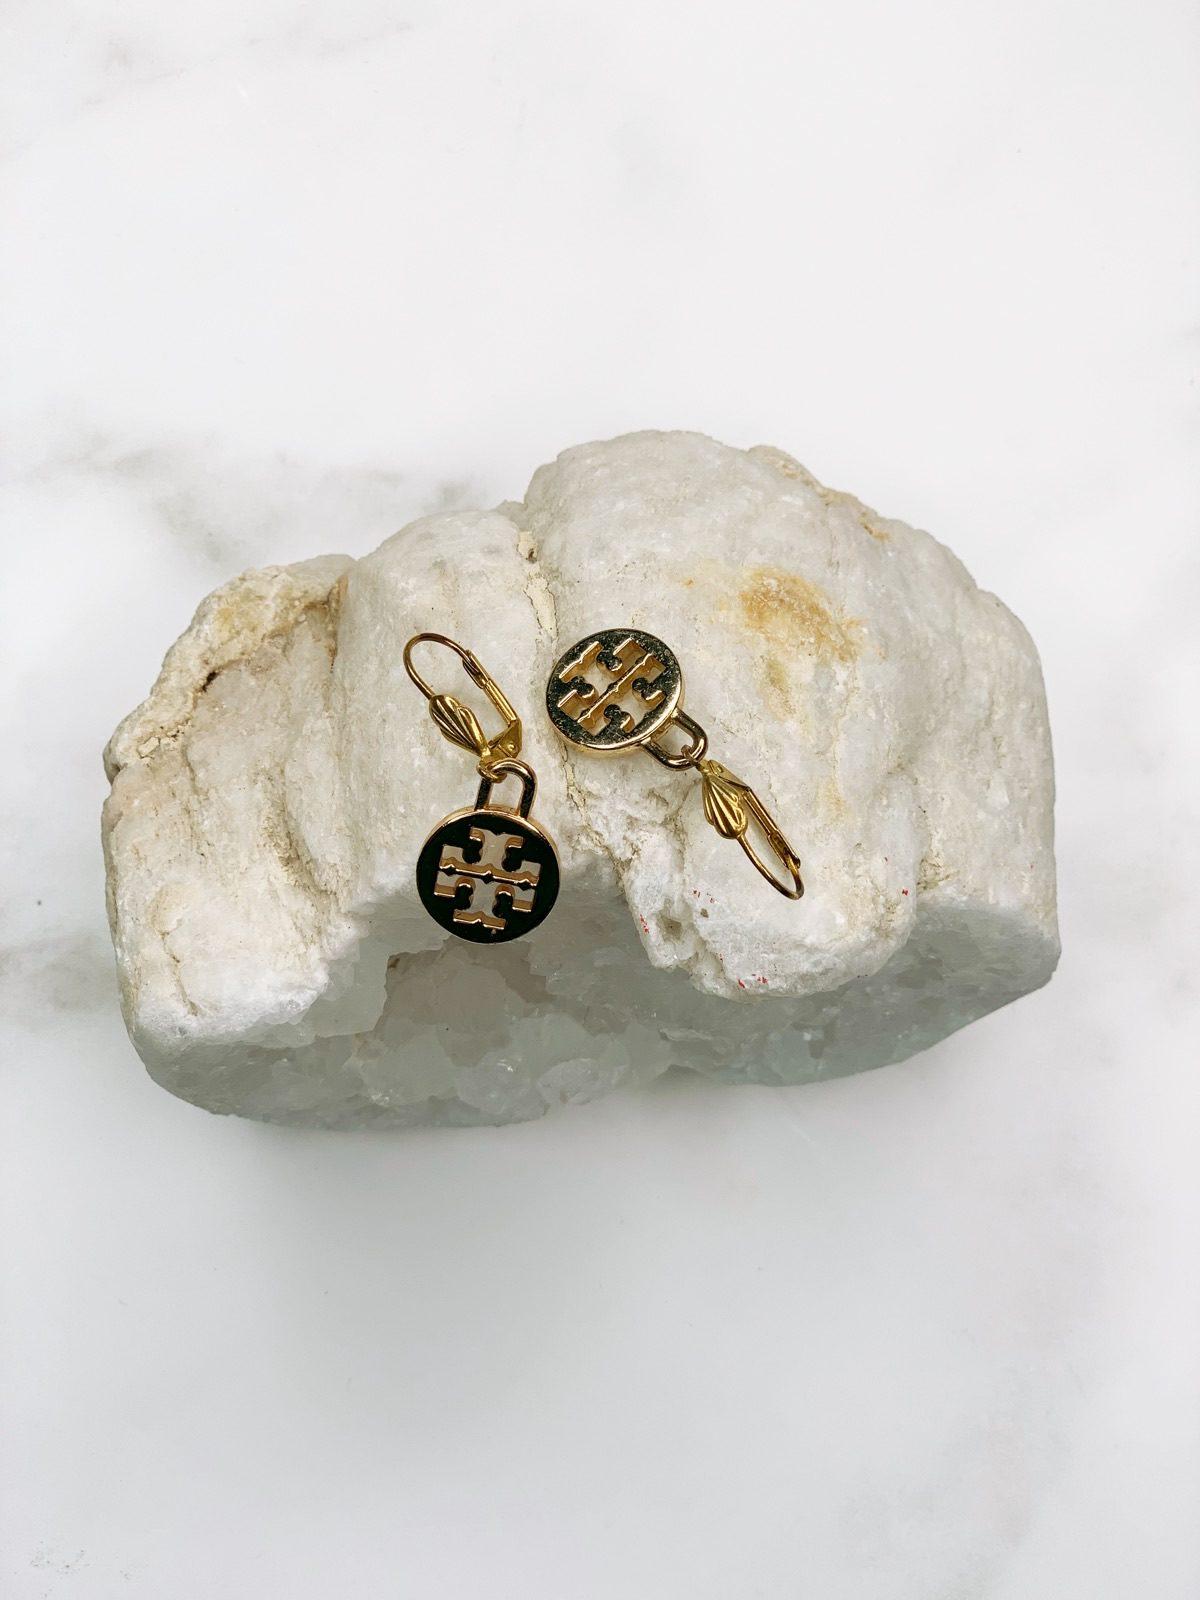 gold tory burch earrings on white rock